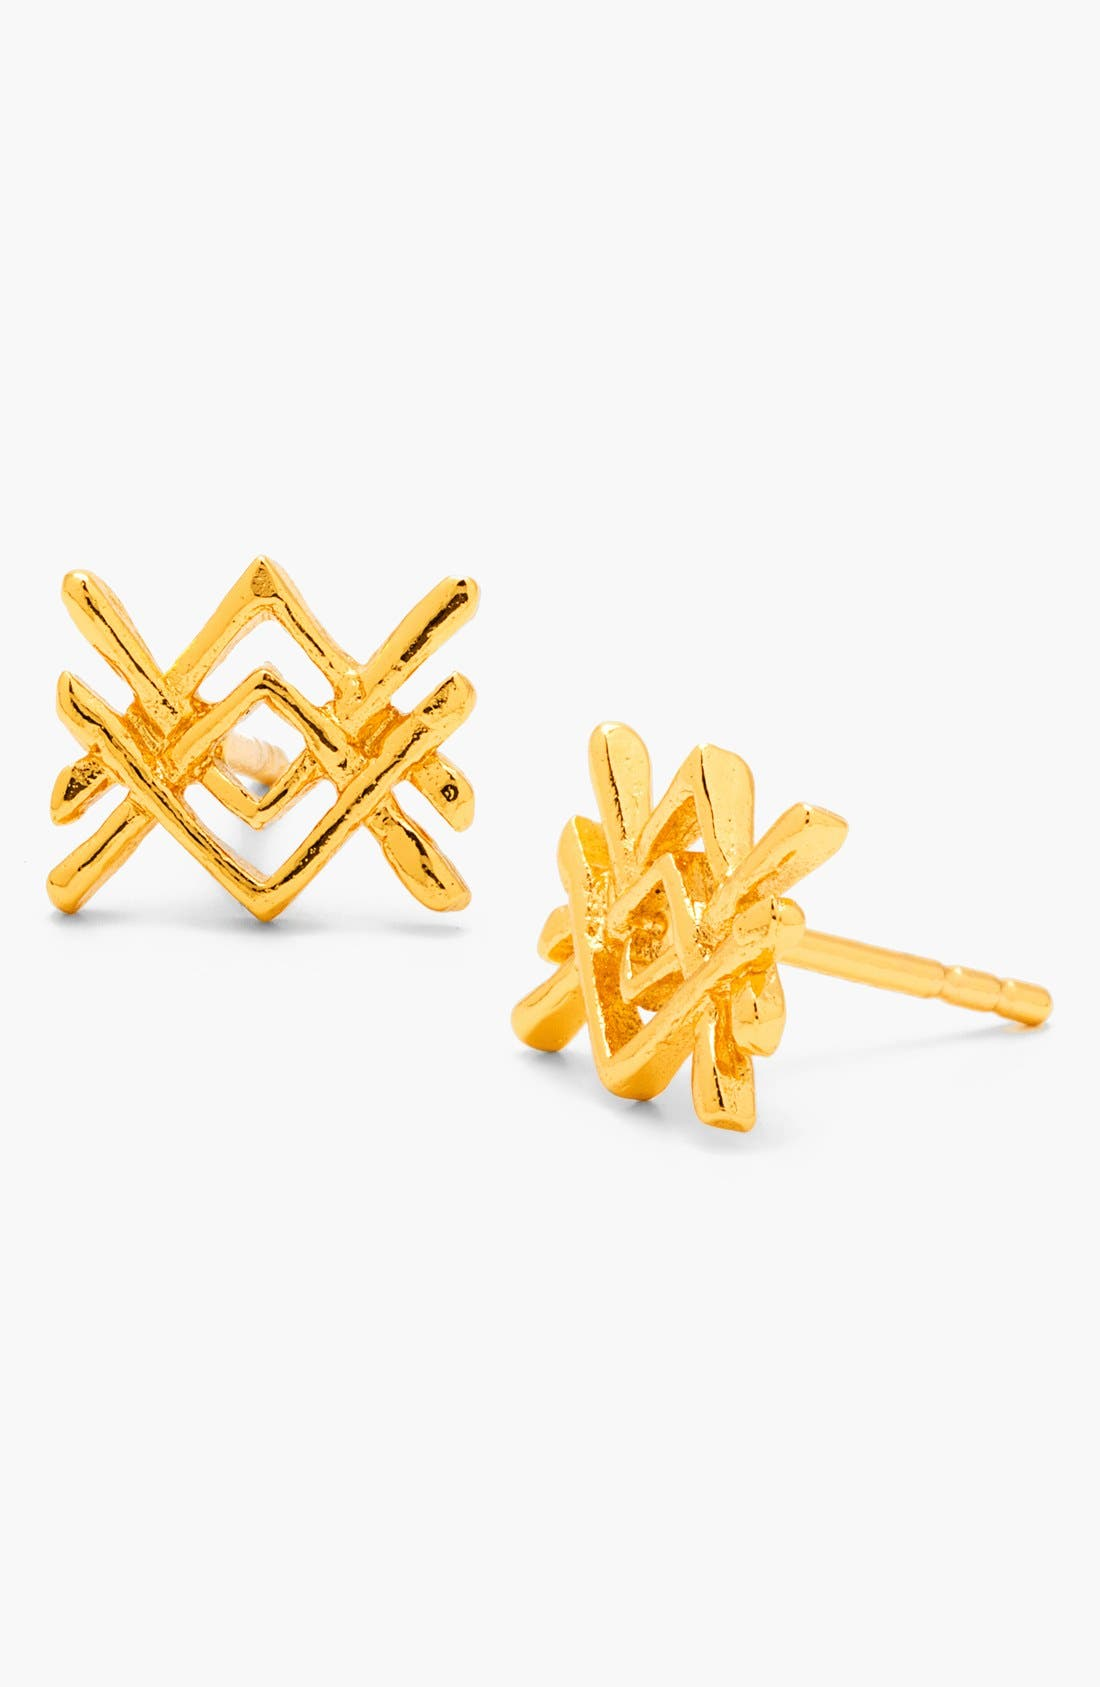 Main Image - gorjana 'Mesa' Stud Earrings